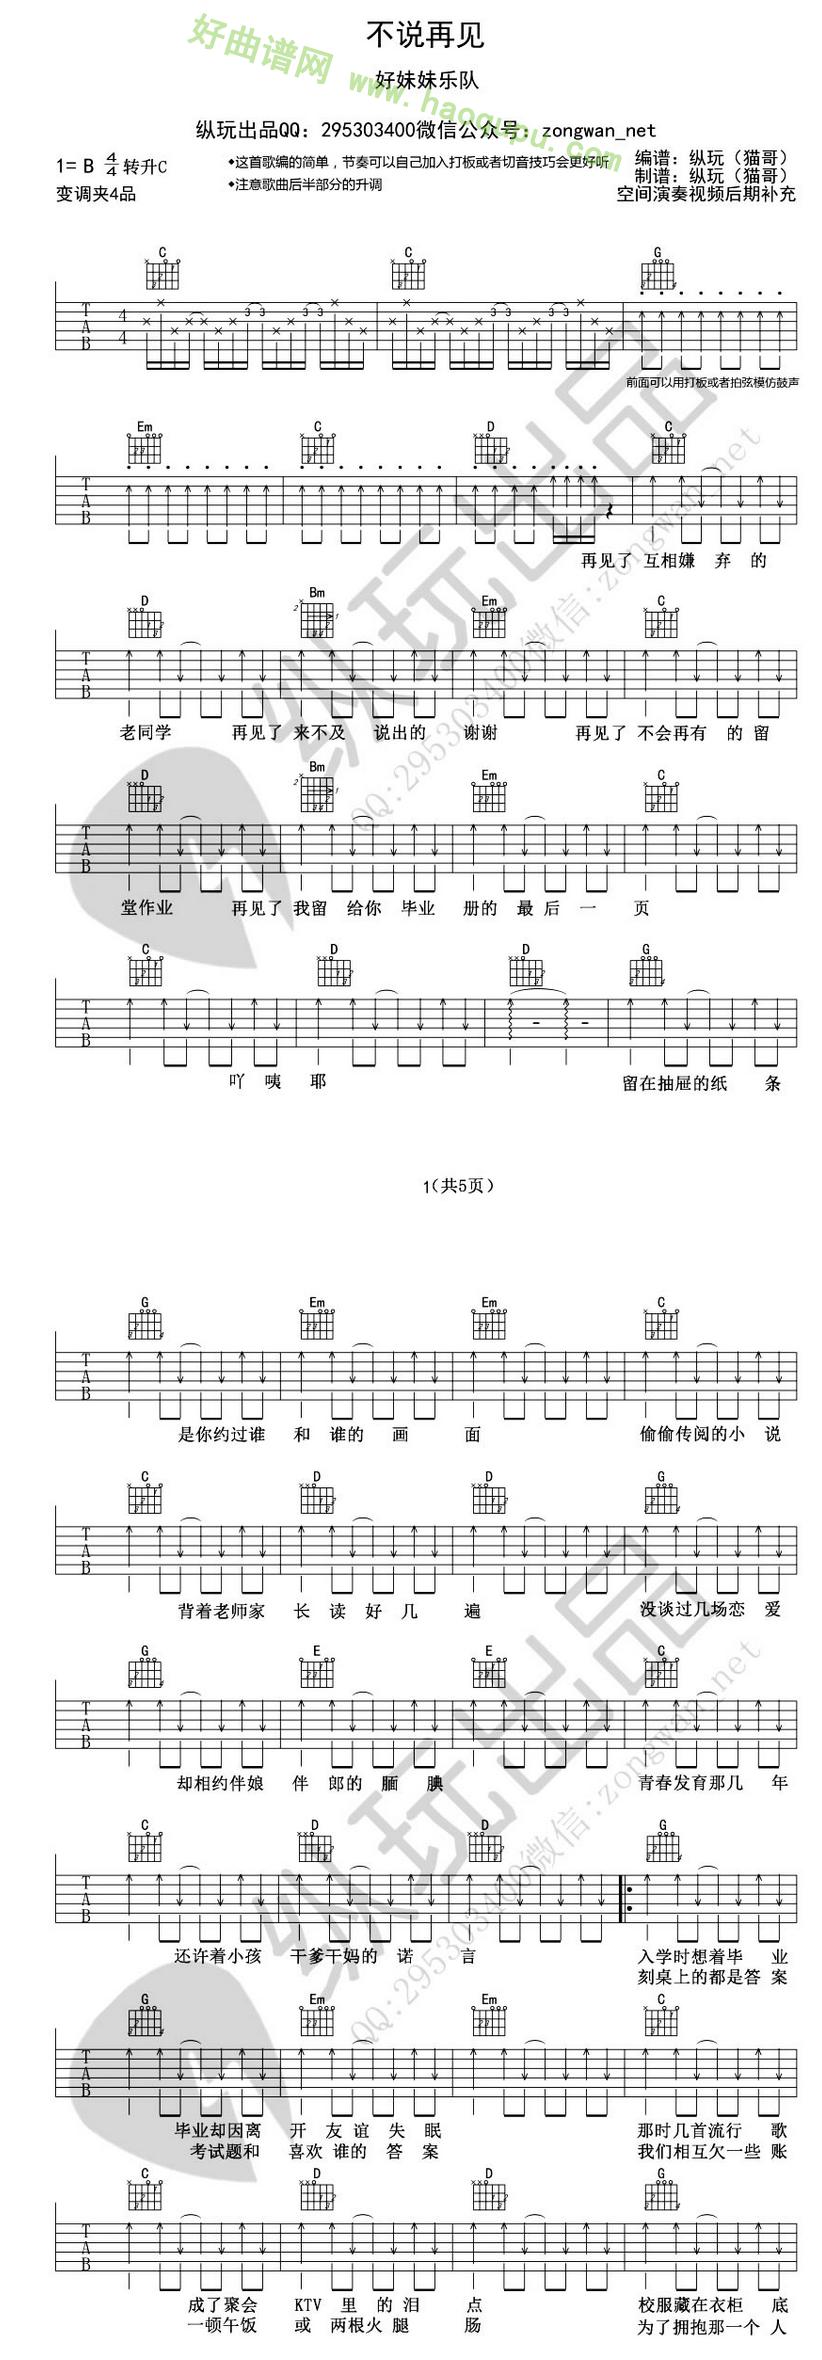 《不说再见》(好妹妹乐队演唱)吉他谱第1张